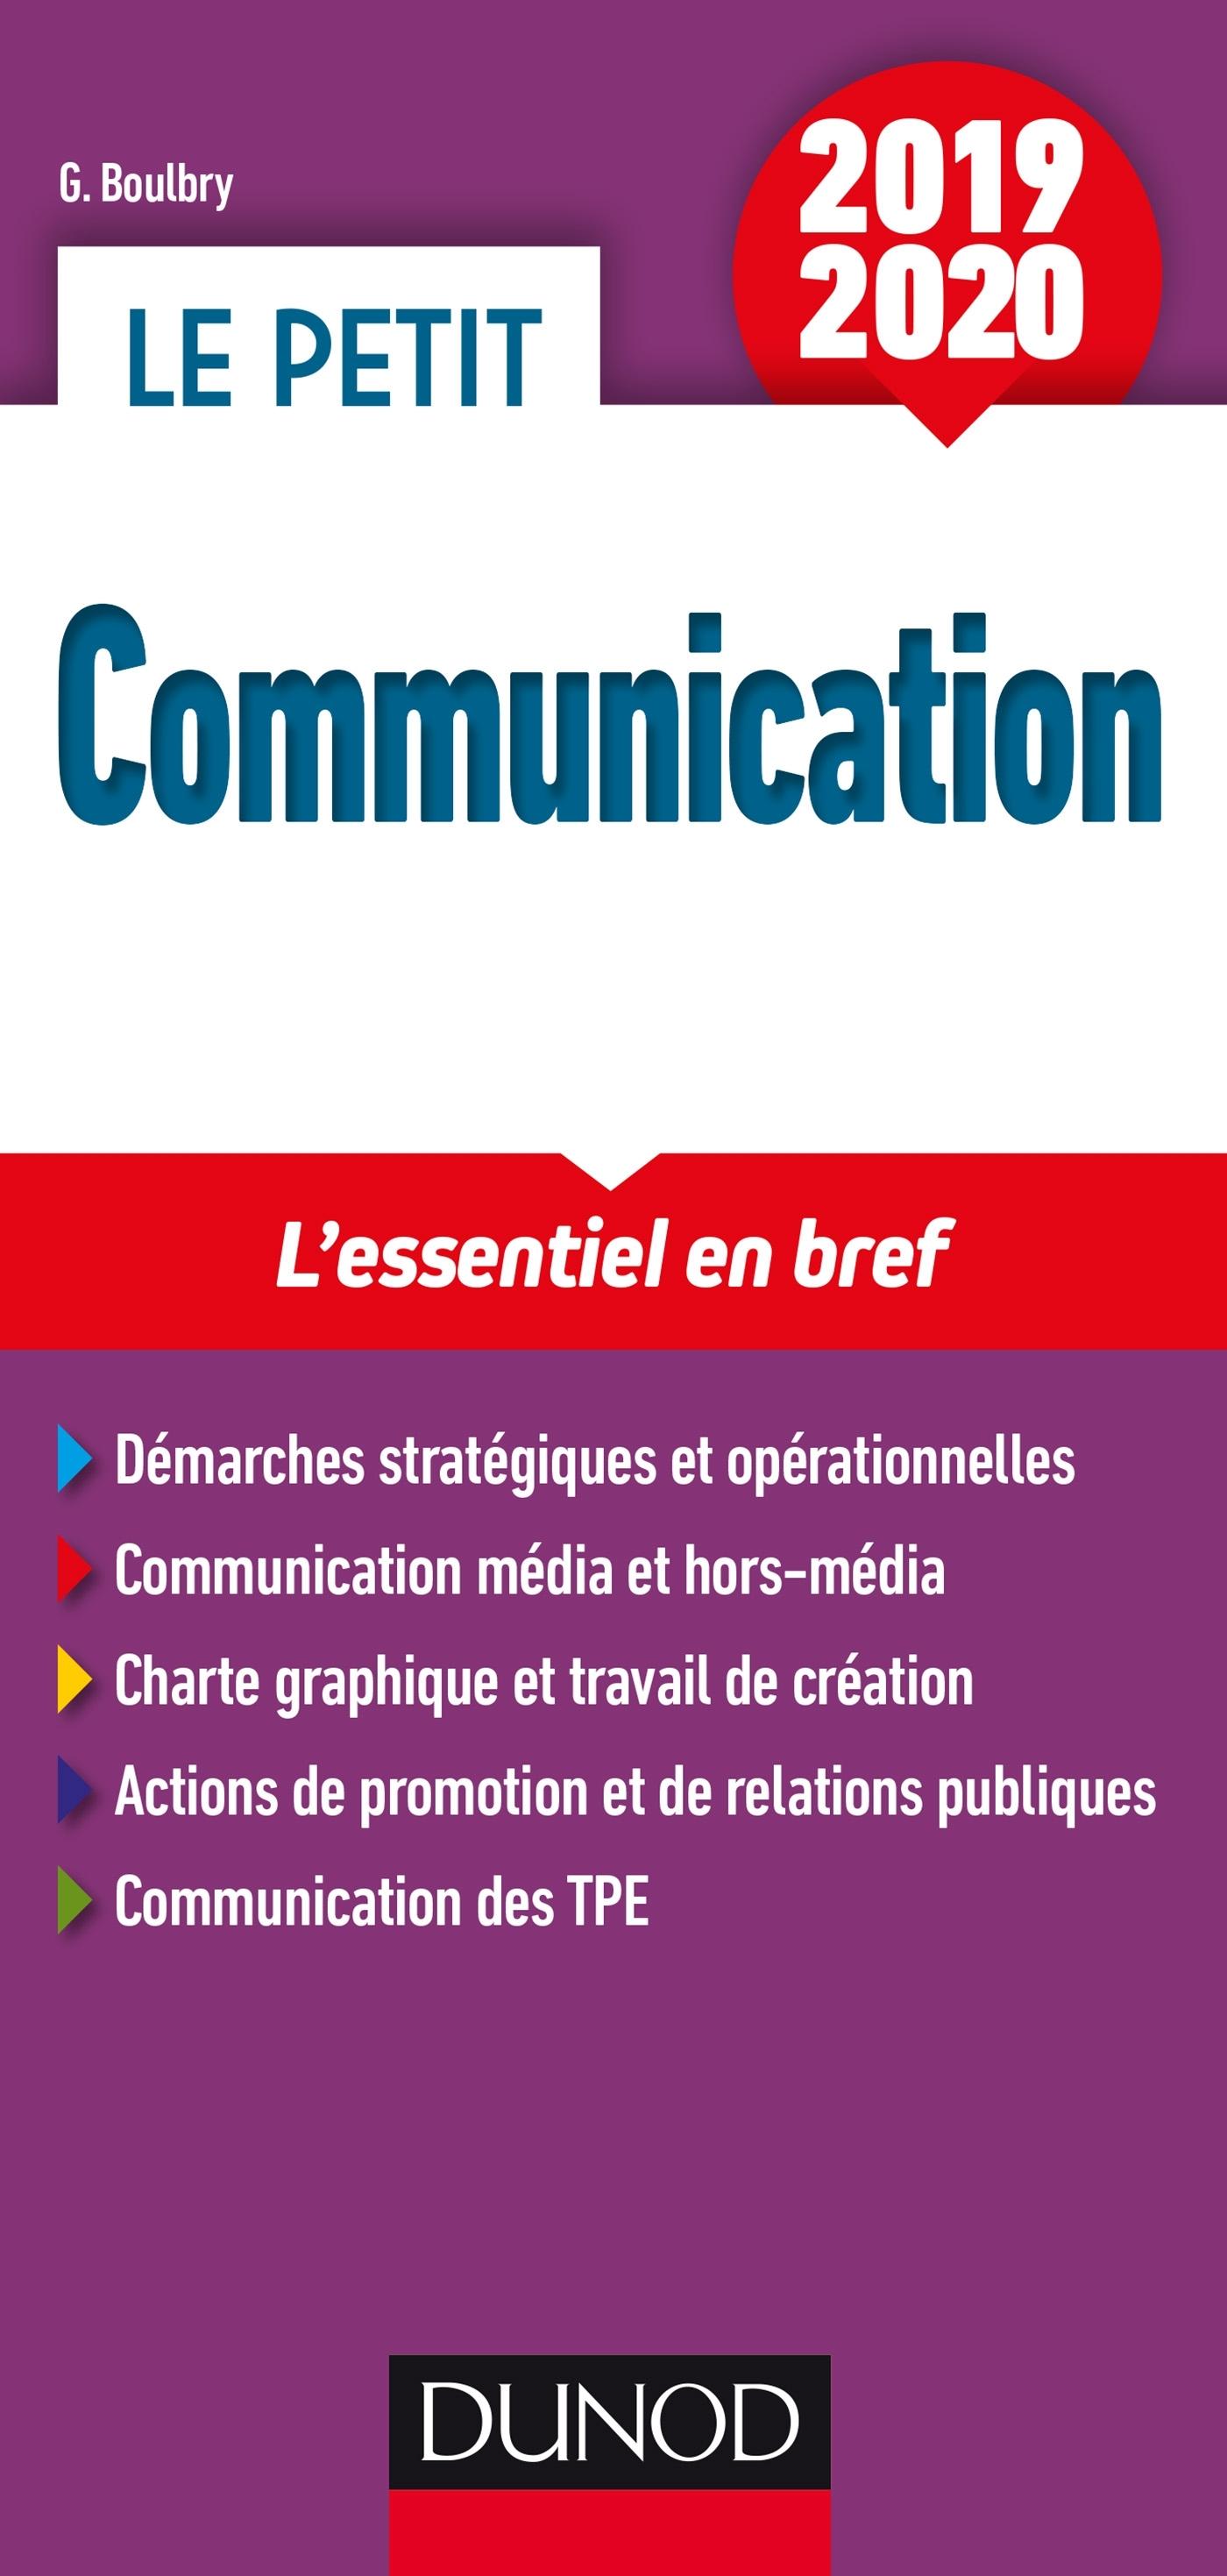 LE PETIT COMMUNICATION 2019/2020 - L'ESSENTIEL EN BREF